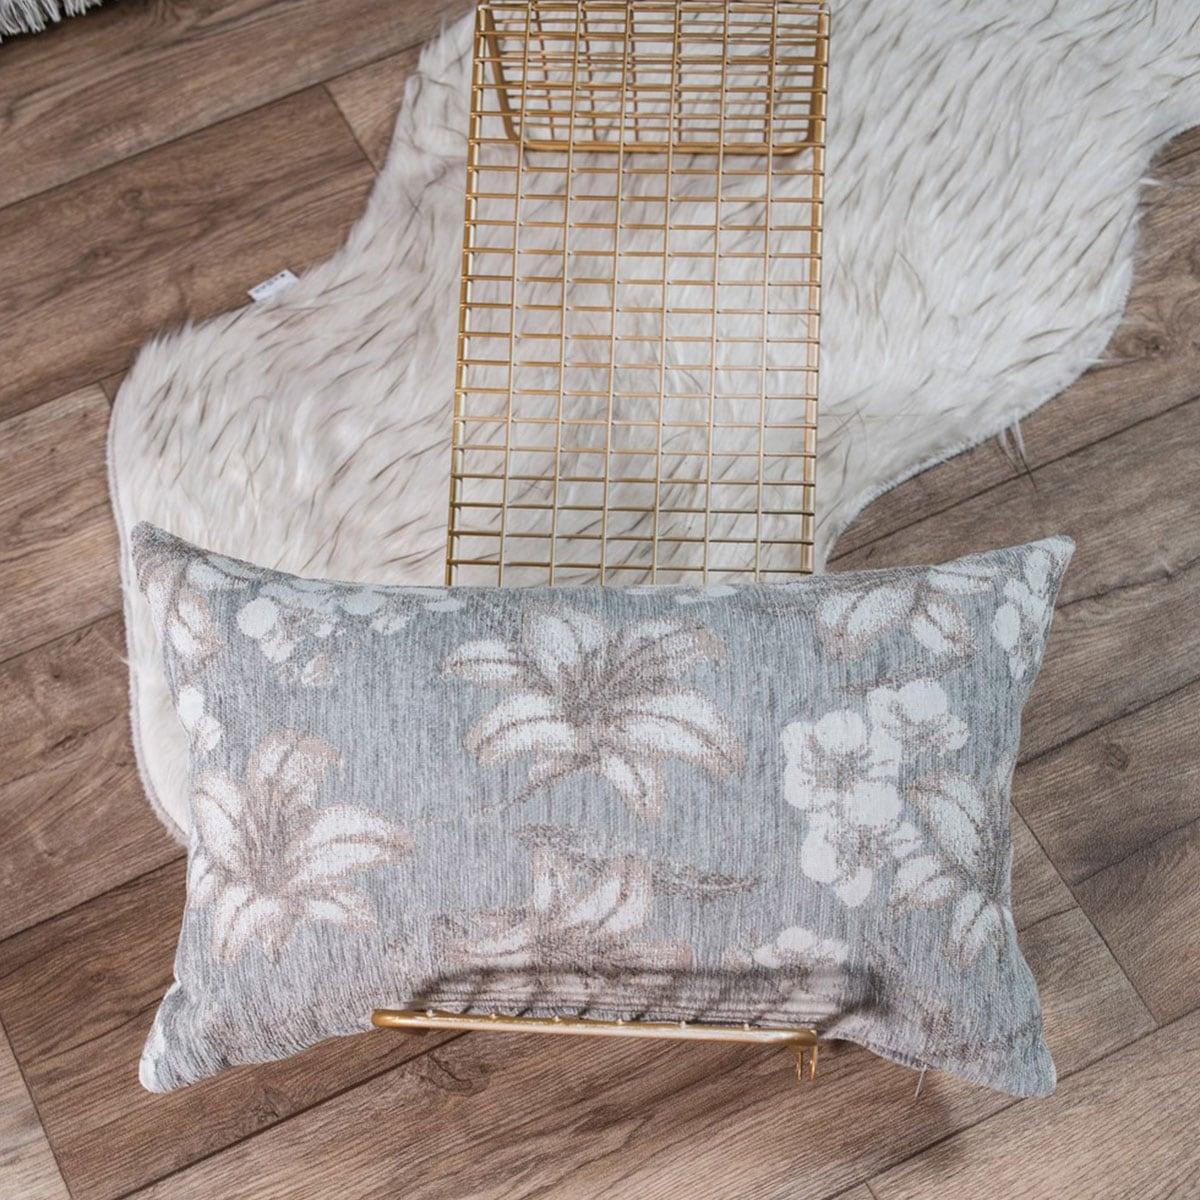 Μαξιλαροθήκη Διακοσμητική Louisiana 11 Light Grey Teoran 30Χ50 Ακρυλικό-Polyester